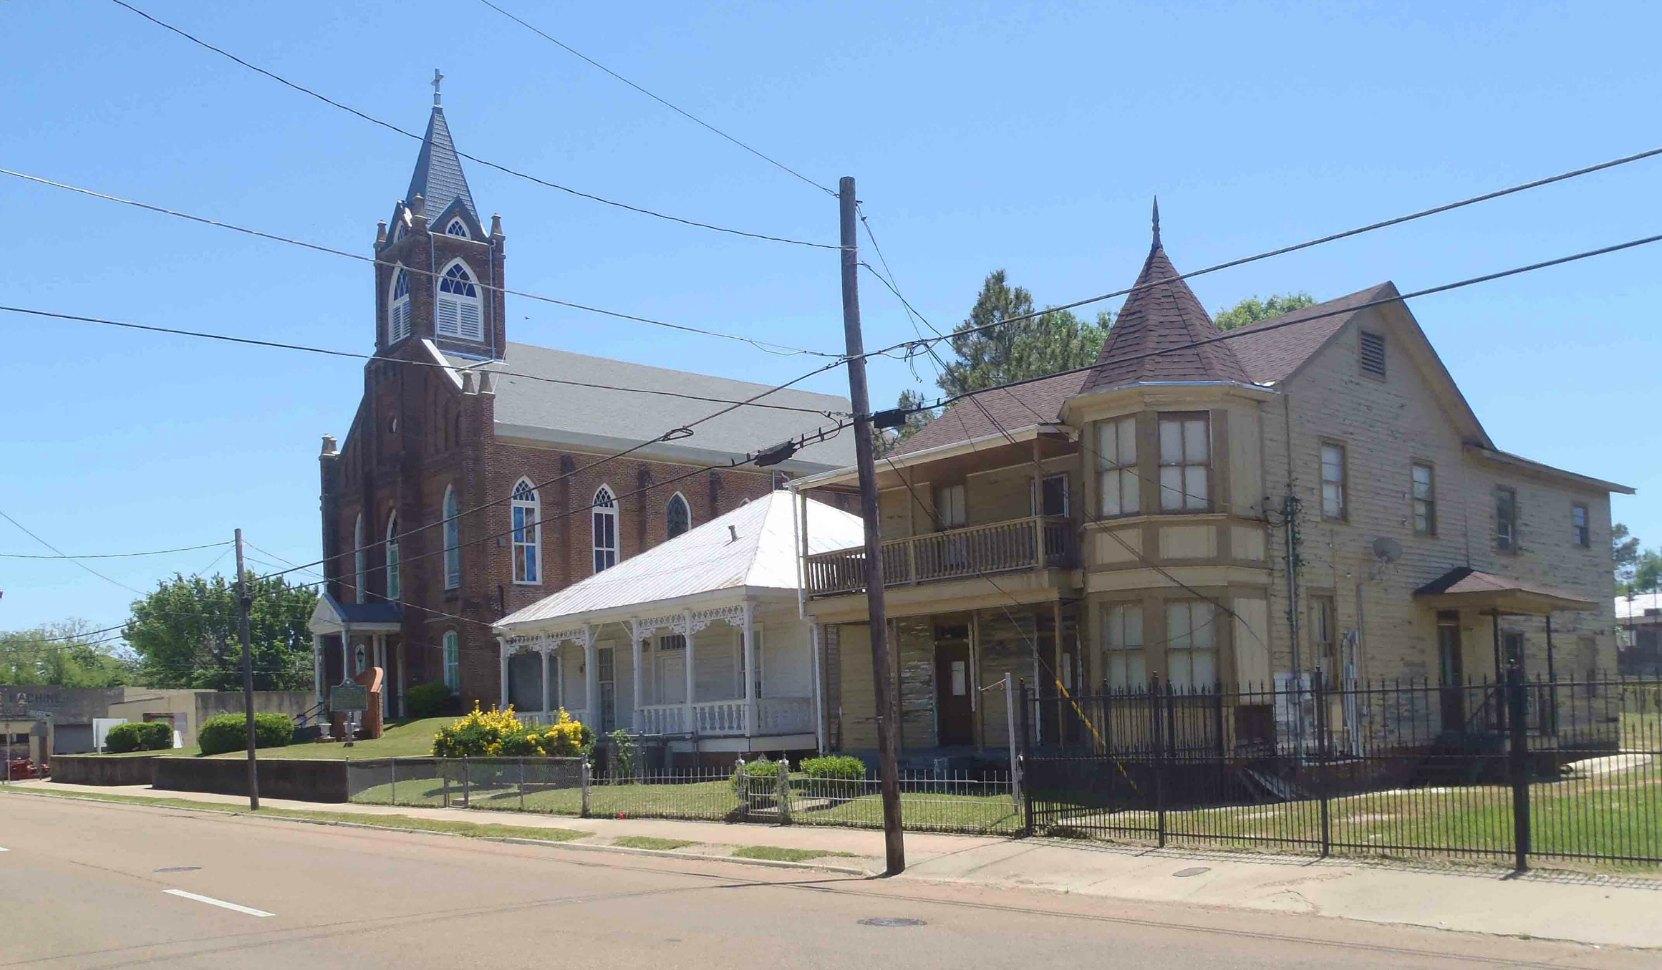 Holy Family Catholic Church, Natchez, Mississippi and some of the adjacent neighborhood houses.